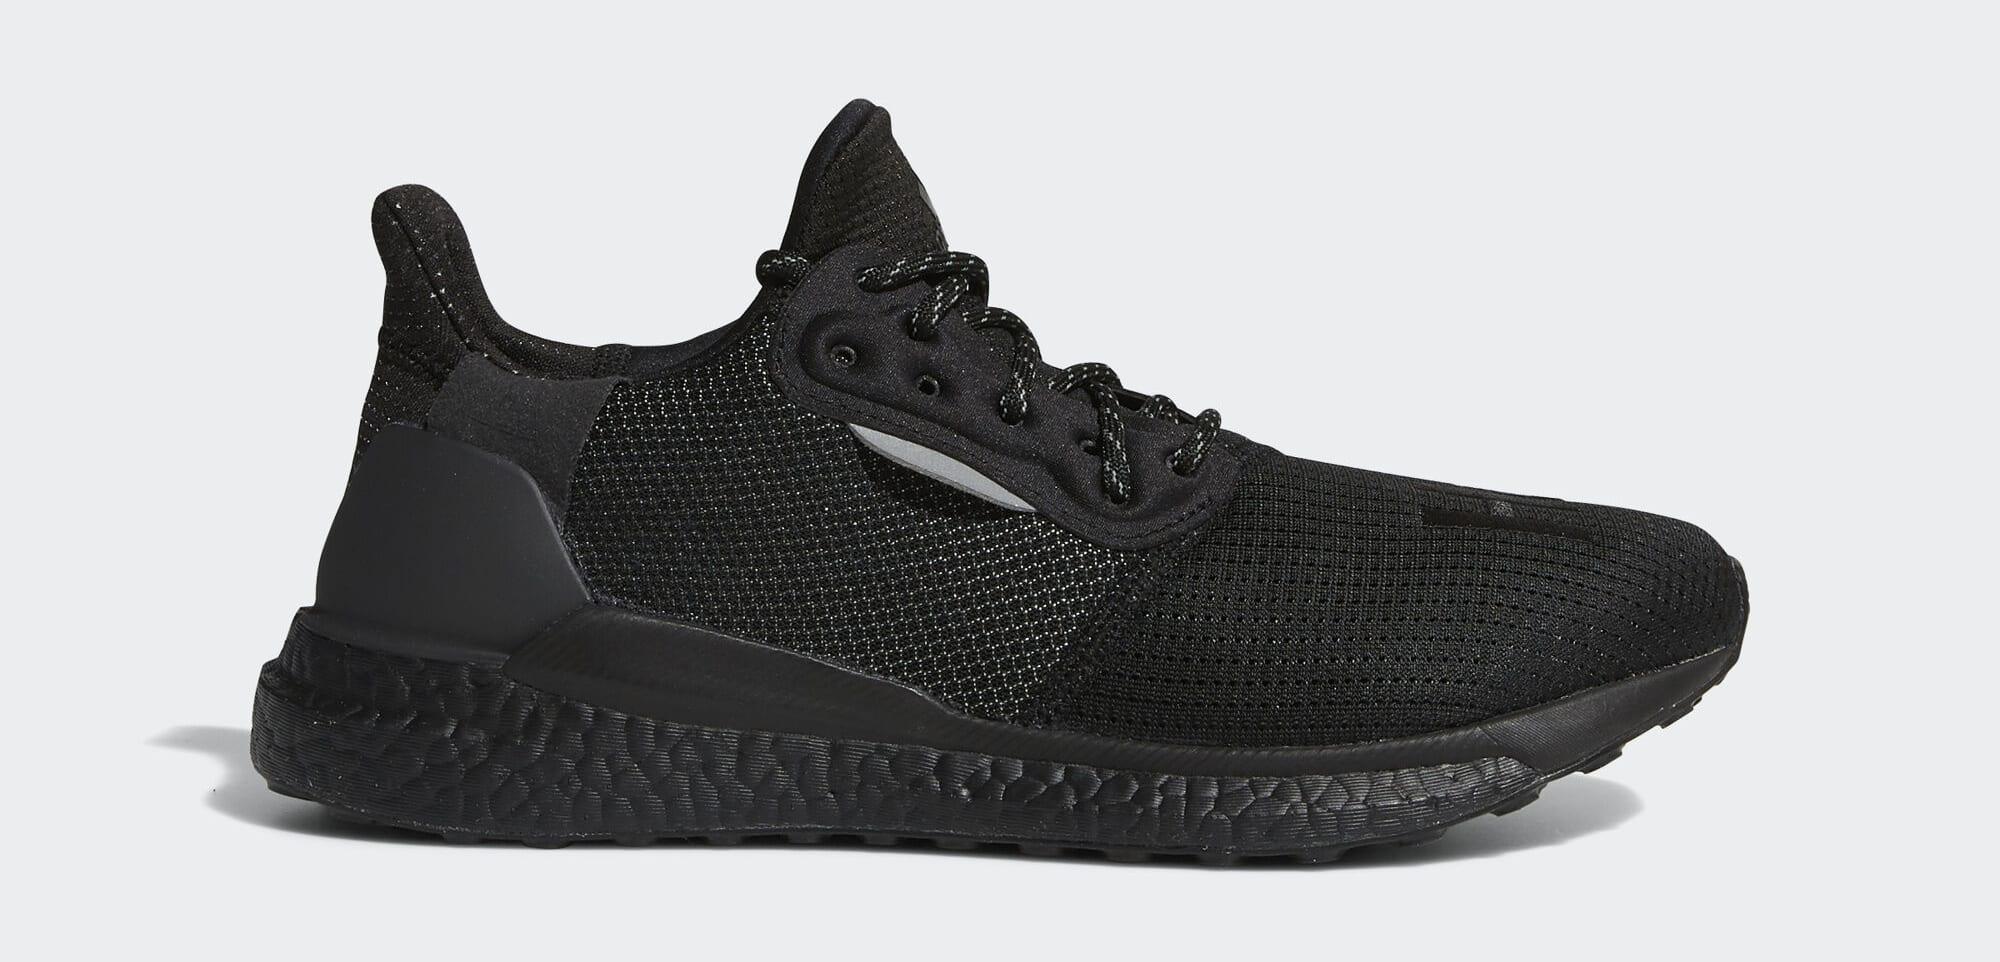 Pharrell x Adidas Solar Hu Glide EG7788 (Lateral)